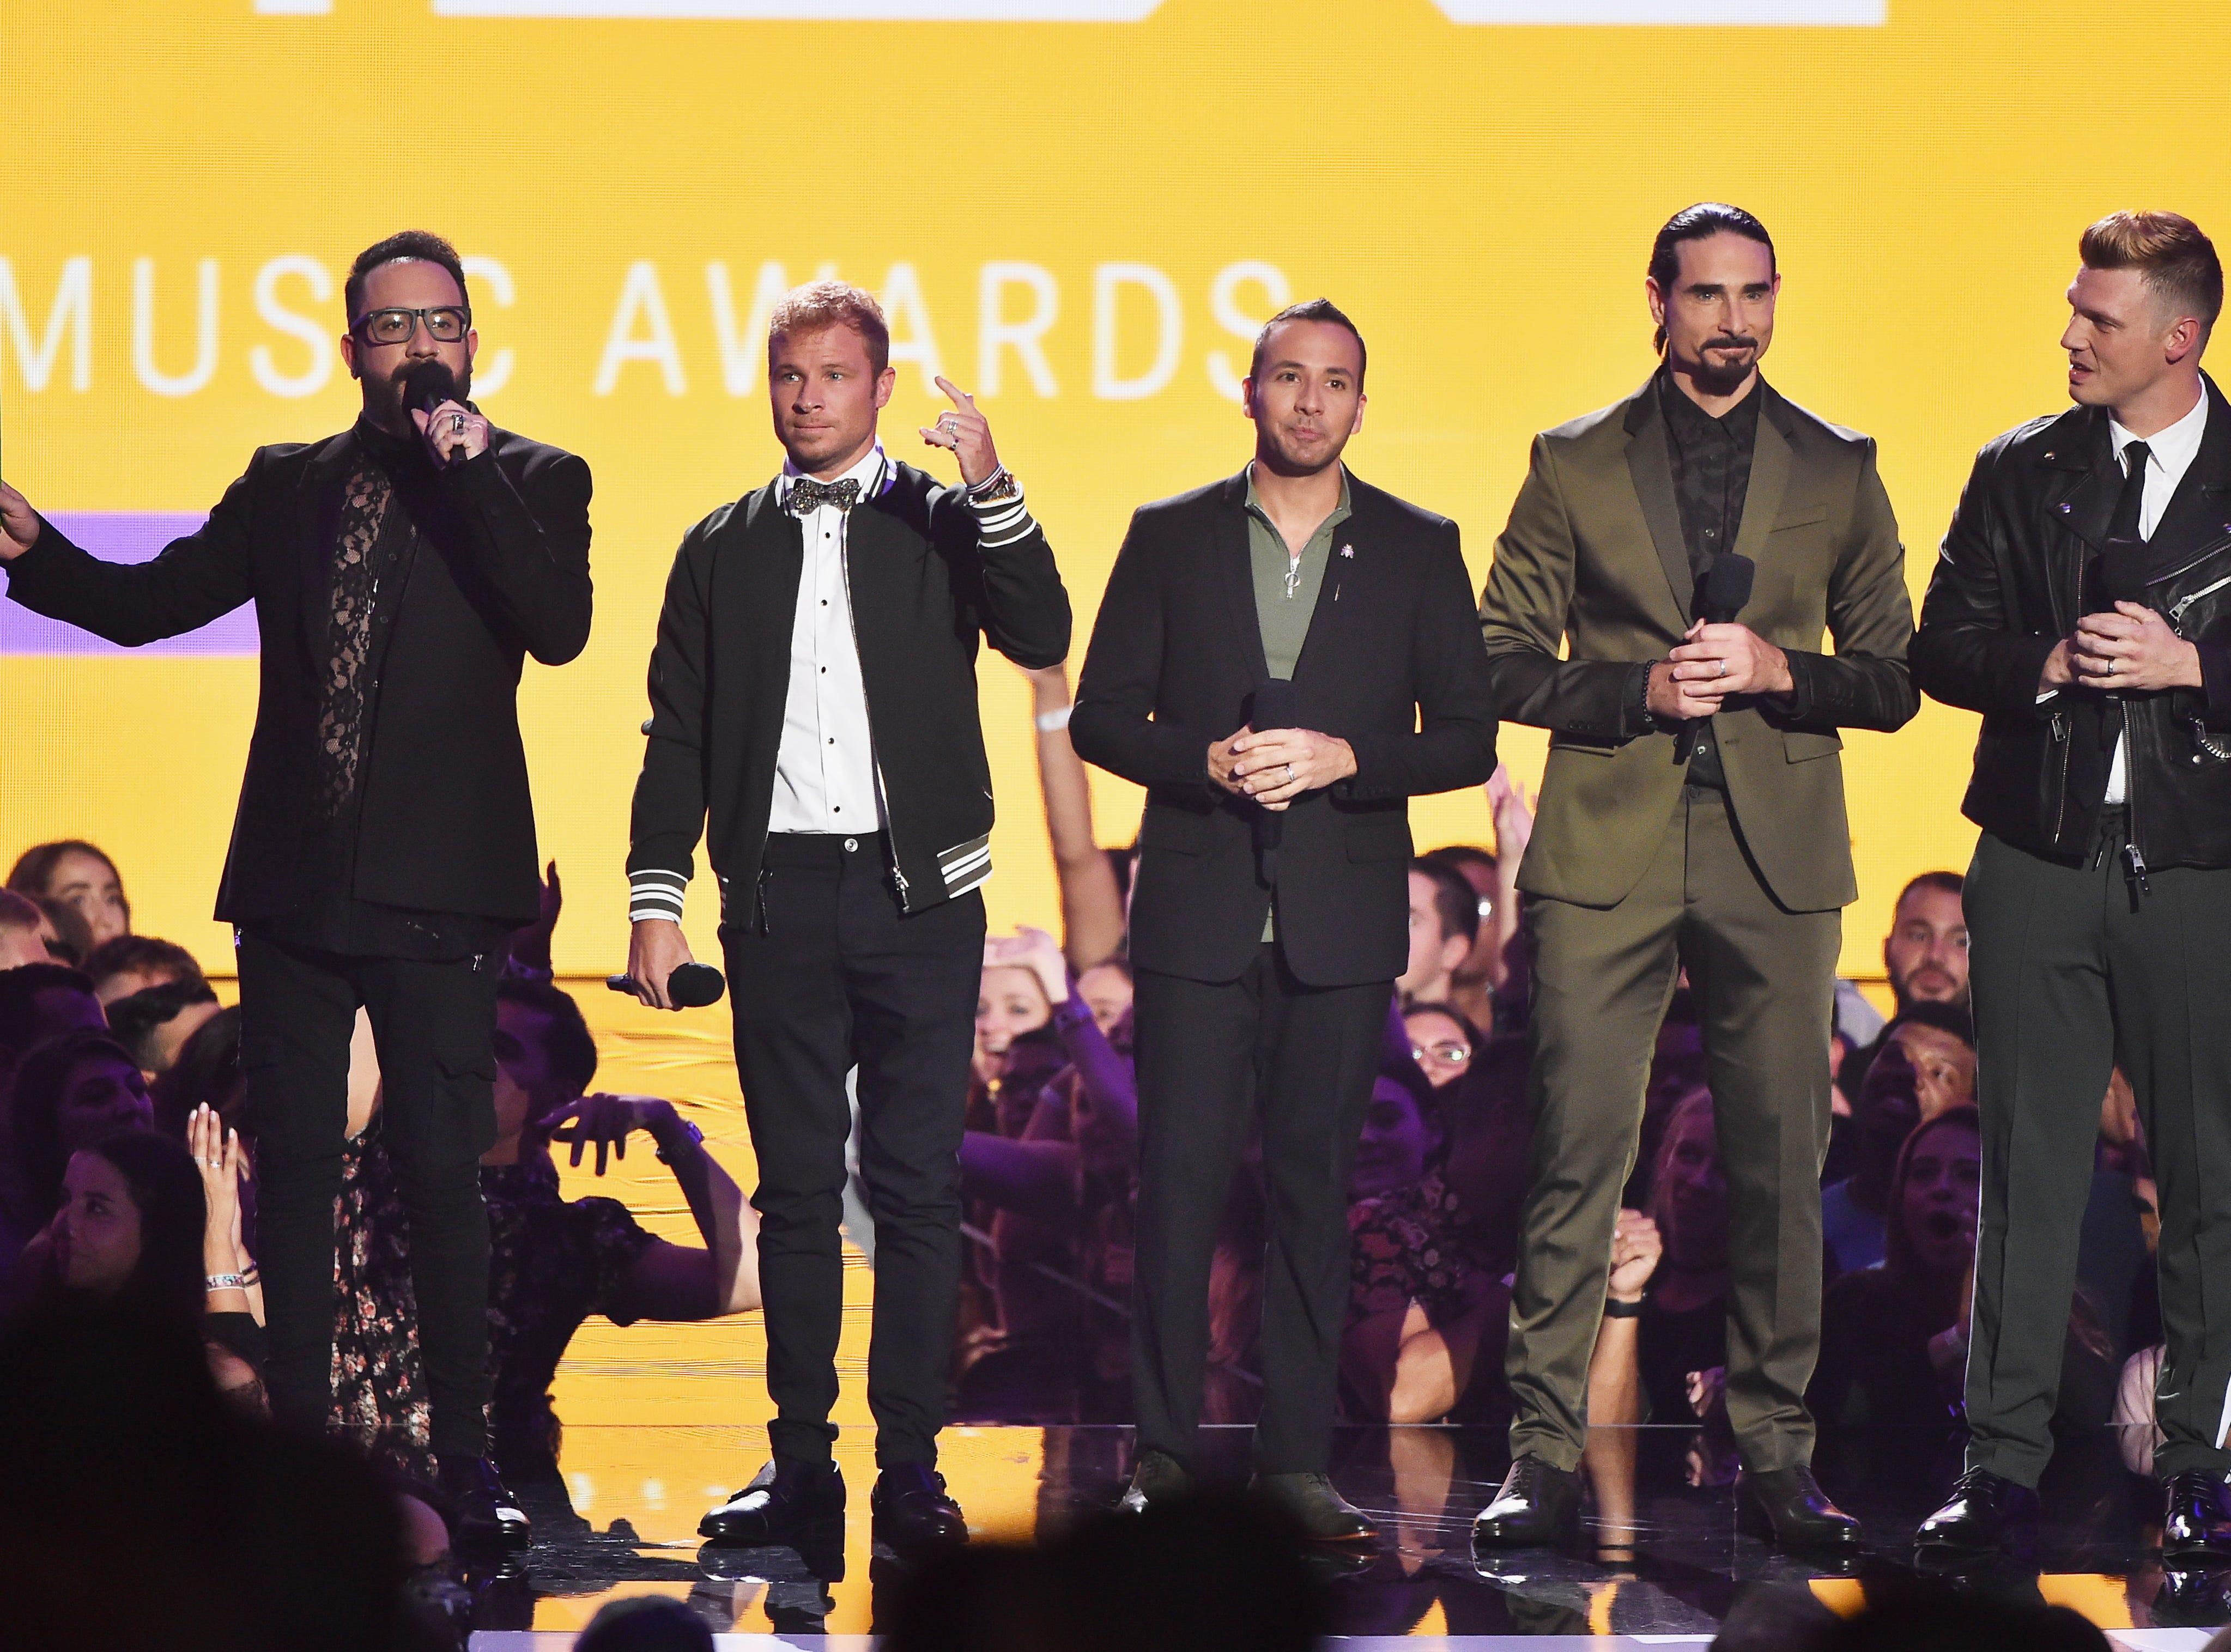 (De izq a der) AJ McClean, Brian Littrell, Howie Dorough, Kevin Richardson y Nick Carter de los Backstreet Boys hablan en el escenario durante los MTV Video Music Awards de 2018 en el Radio City Music Hall el 20 de agosto de 2018 en la ciudad de Nueva York.